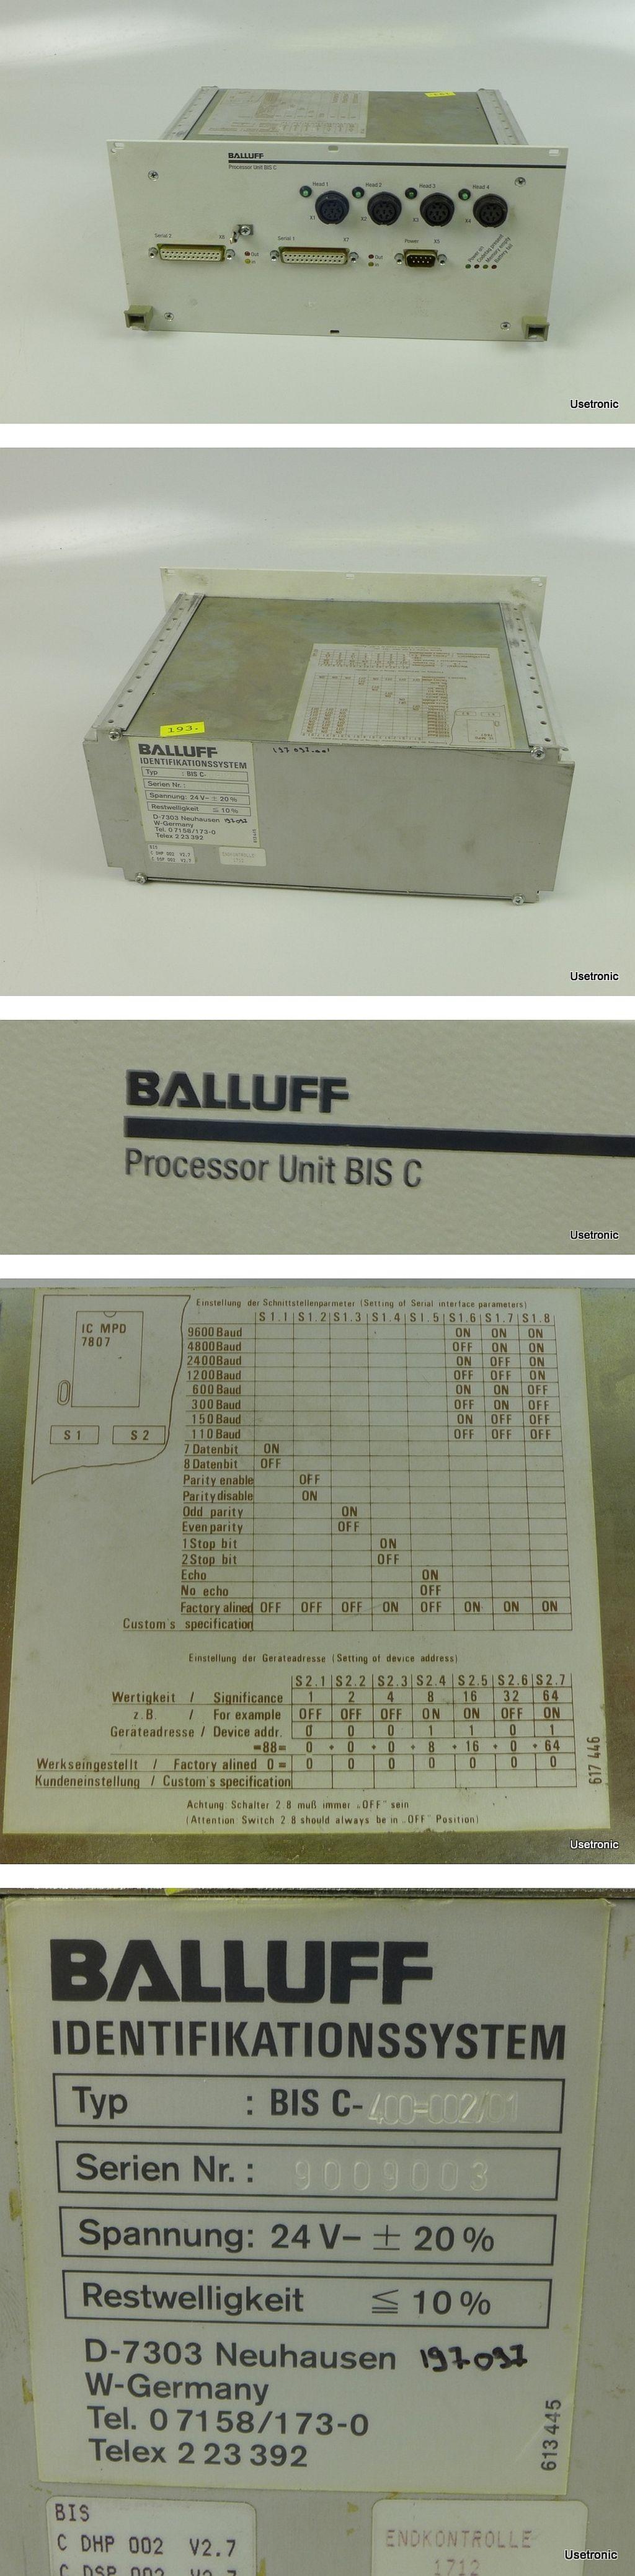 Balluff Unit BIS C 400